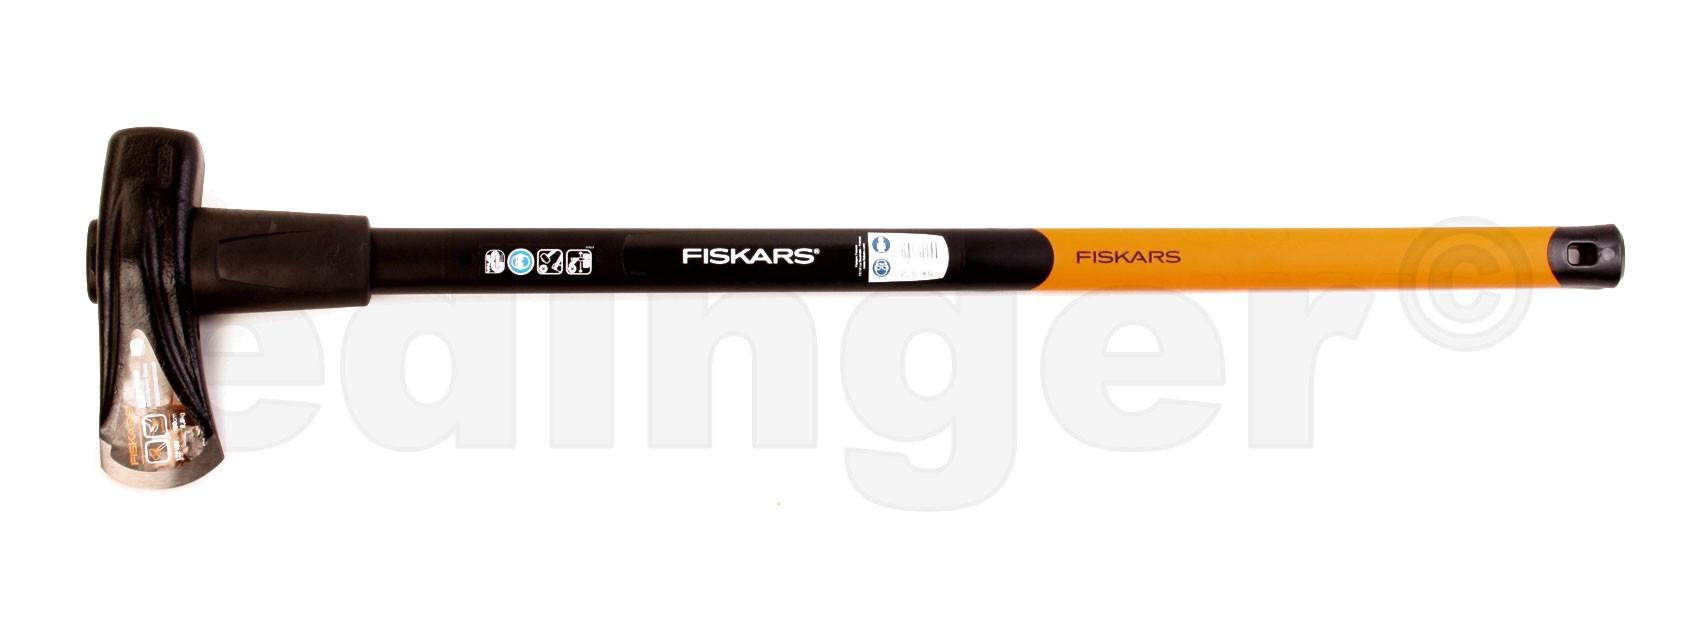 FISKARS Spalthammer X37 3680g Bild 1